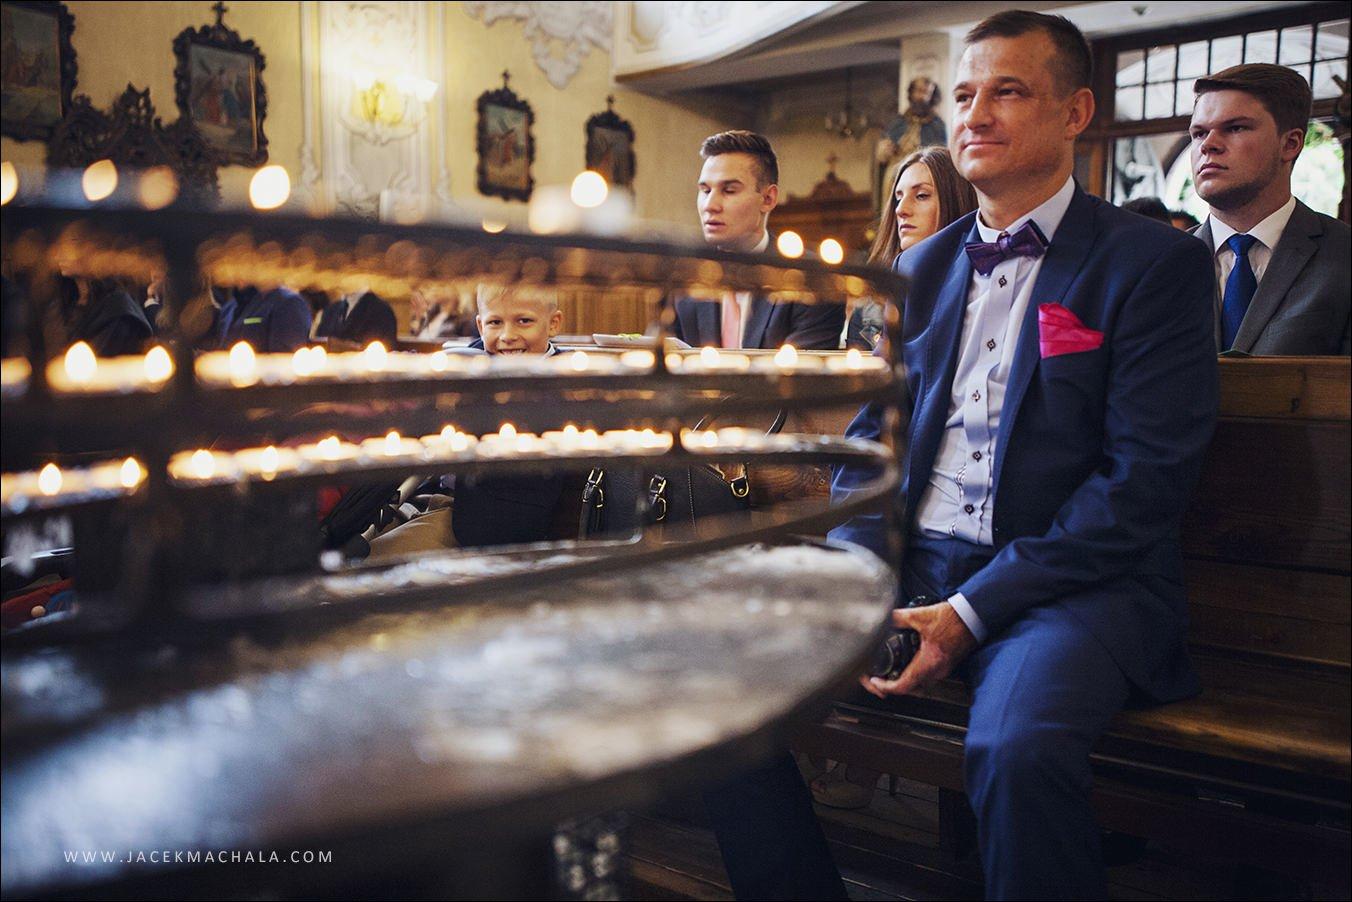 slask fotograf bielsko biala diana i dawid 24 - Hotel Ostaniec - DIANA & DAWID